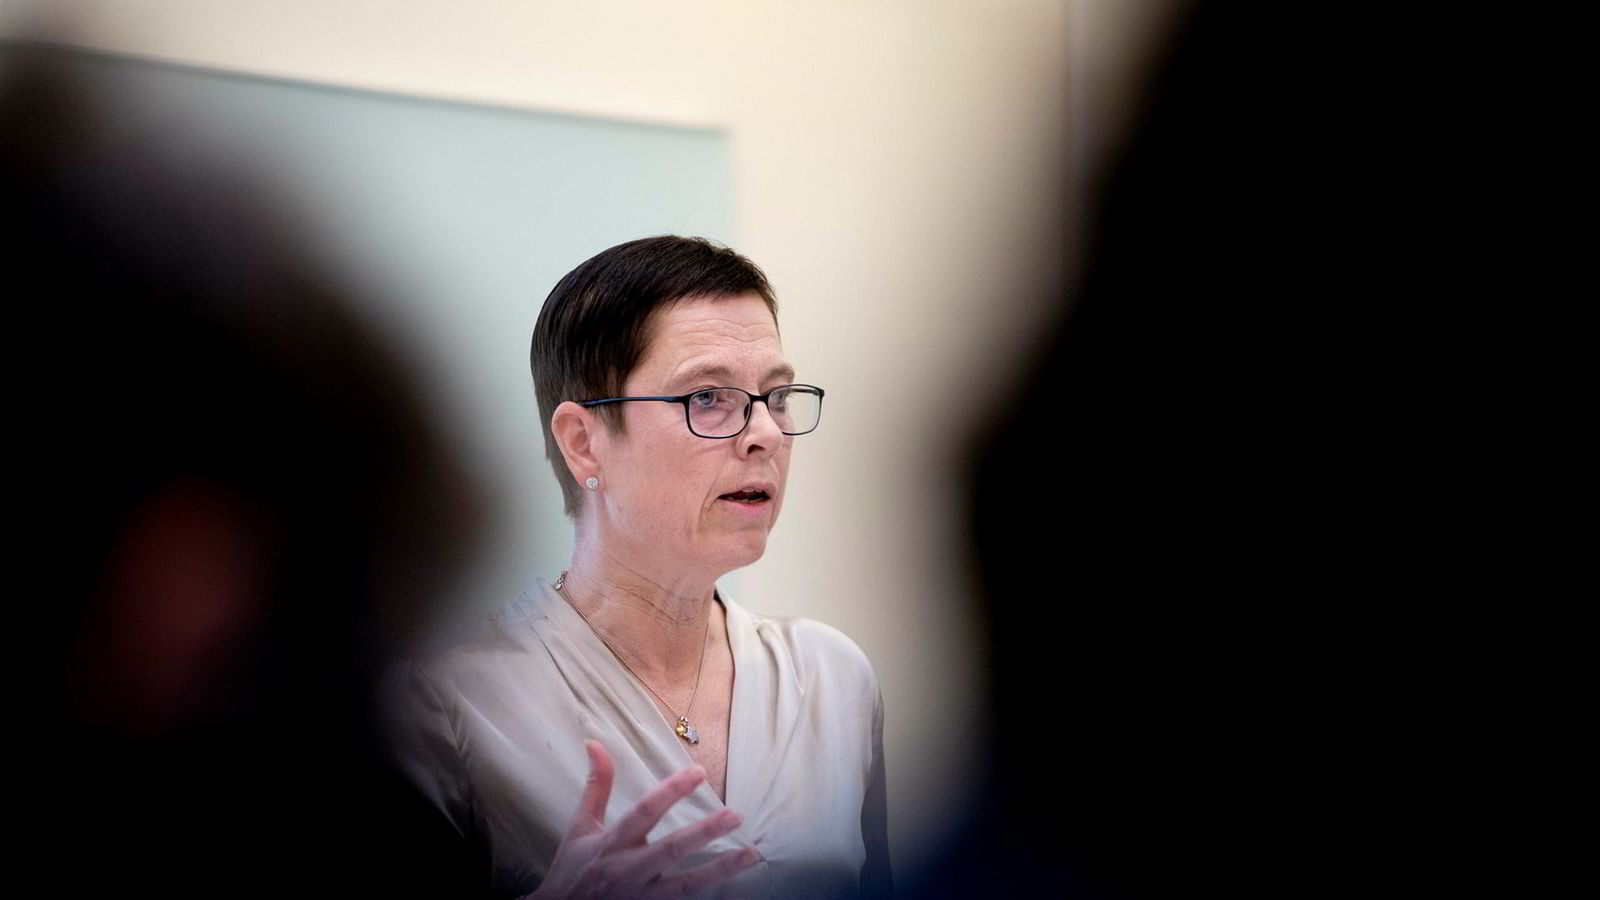 Mari Velsand er direktør for Medietilsynet, som mener to lokalradioer har videresendt innhold fra Radio Metro i strid med reglene.